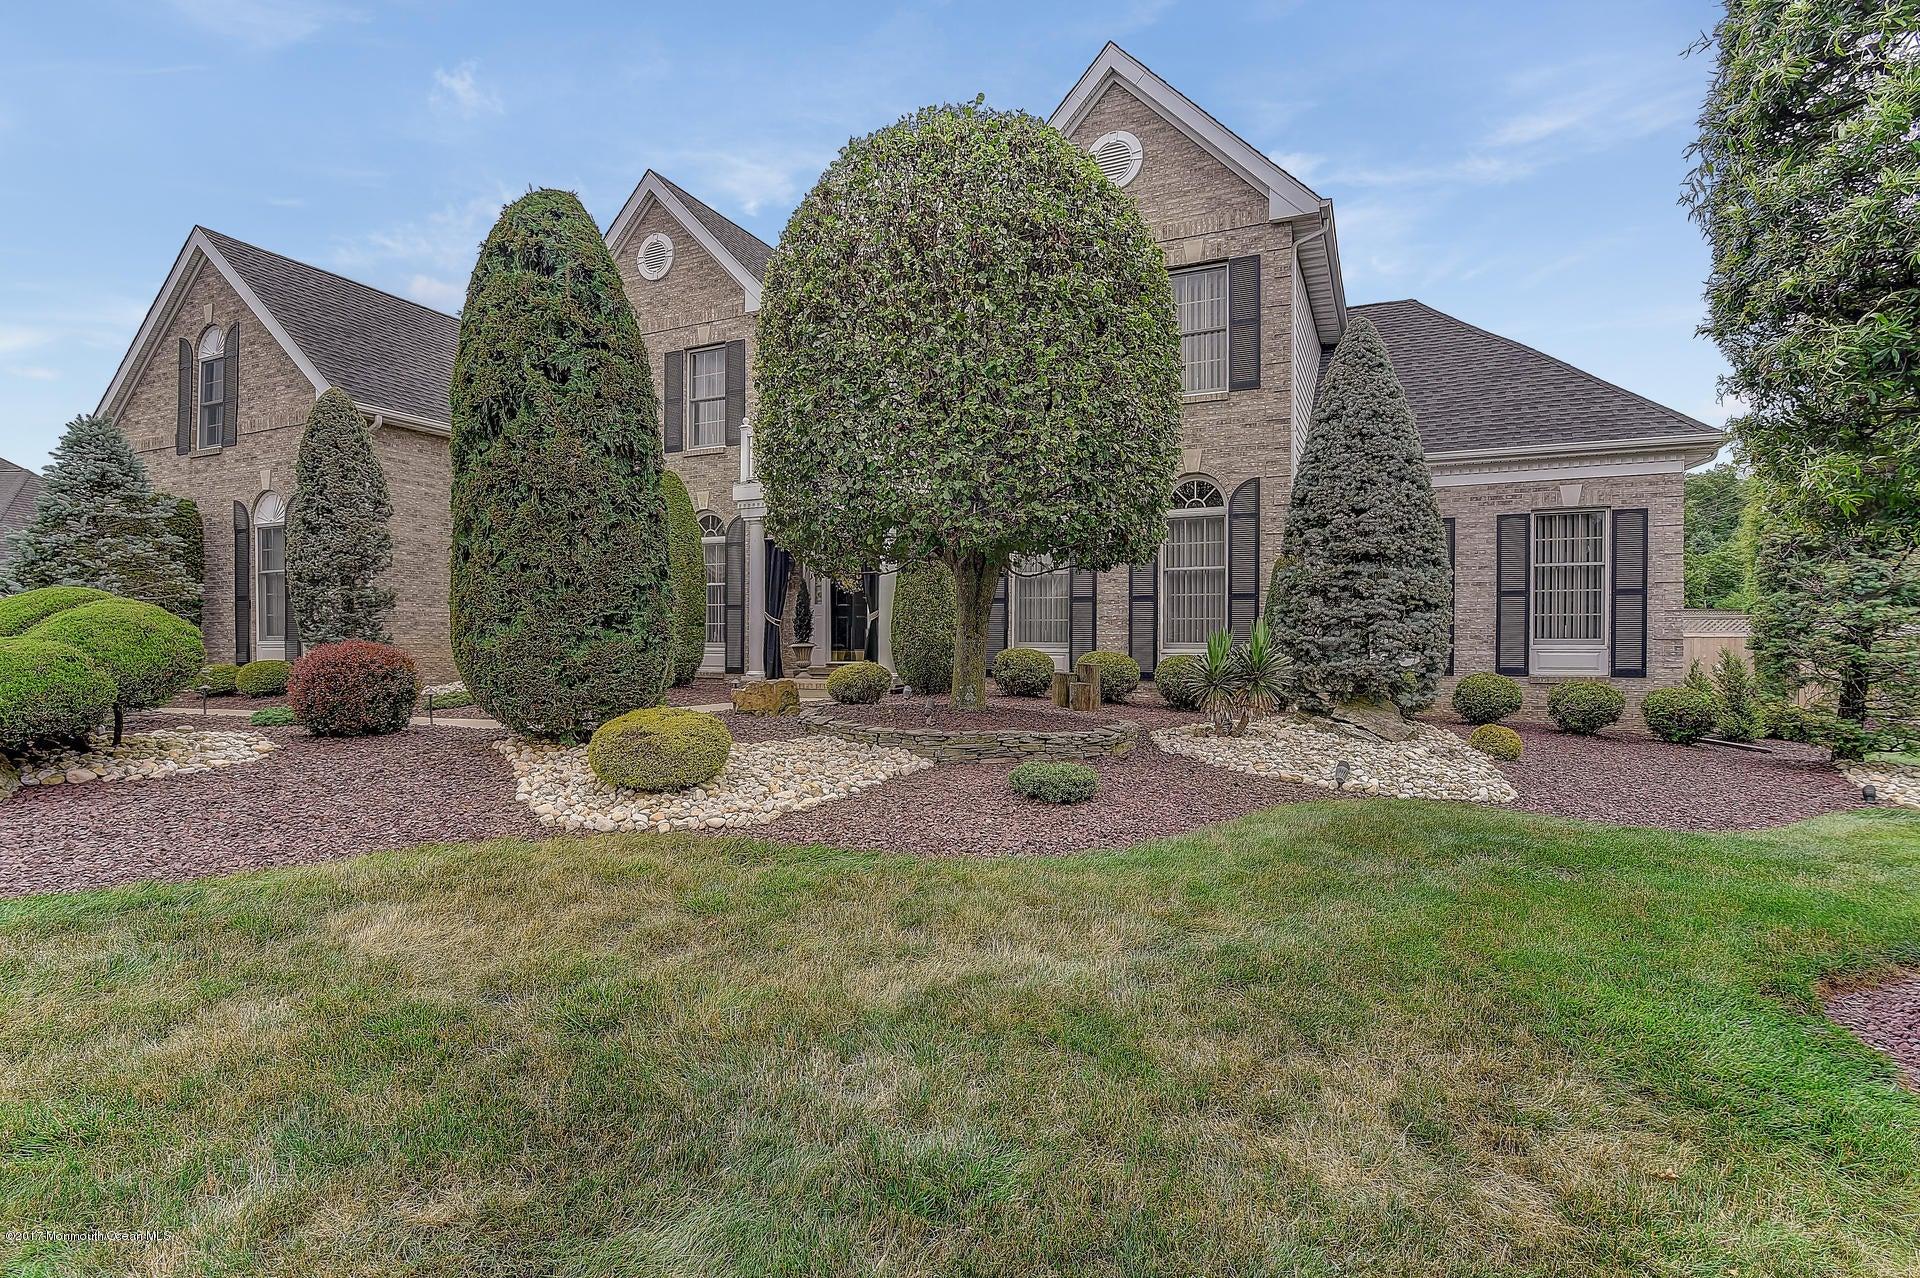 Casa Unifamiliar por un Venta en 1 Country View Drive Freehold, Nueva Jersey 07728 Estados Unidos